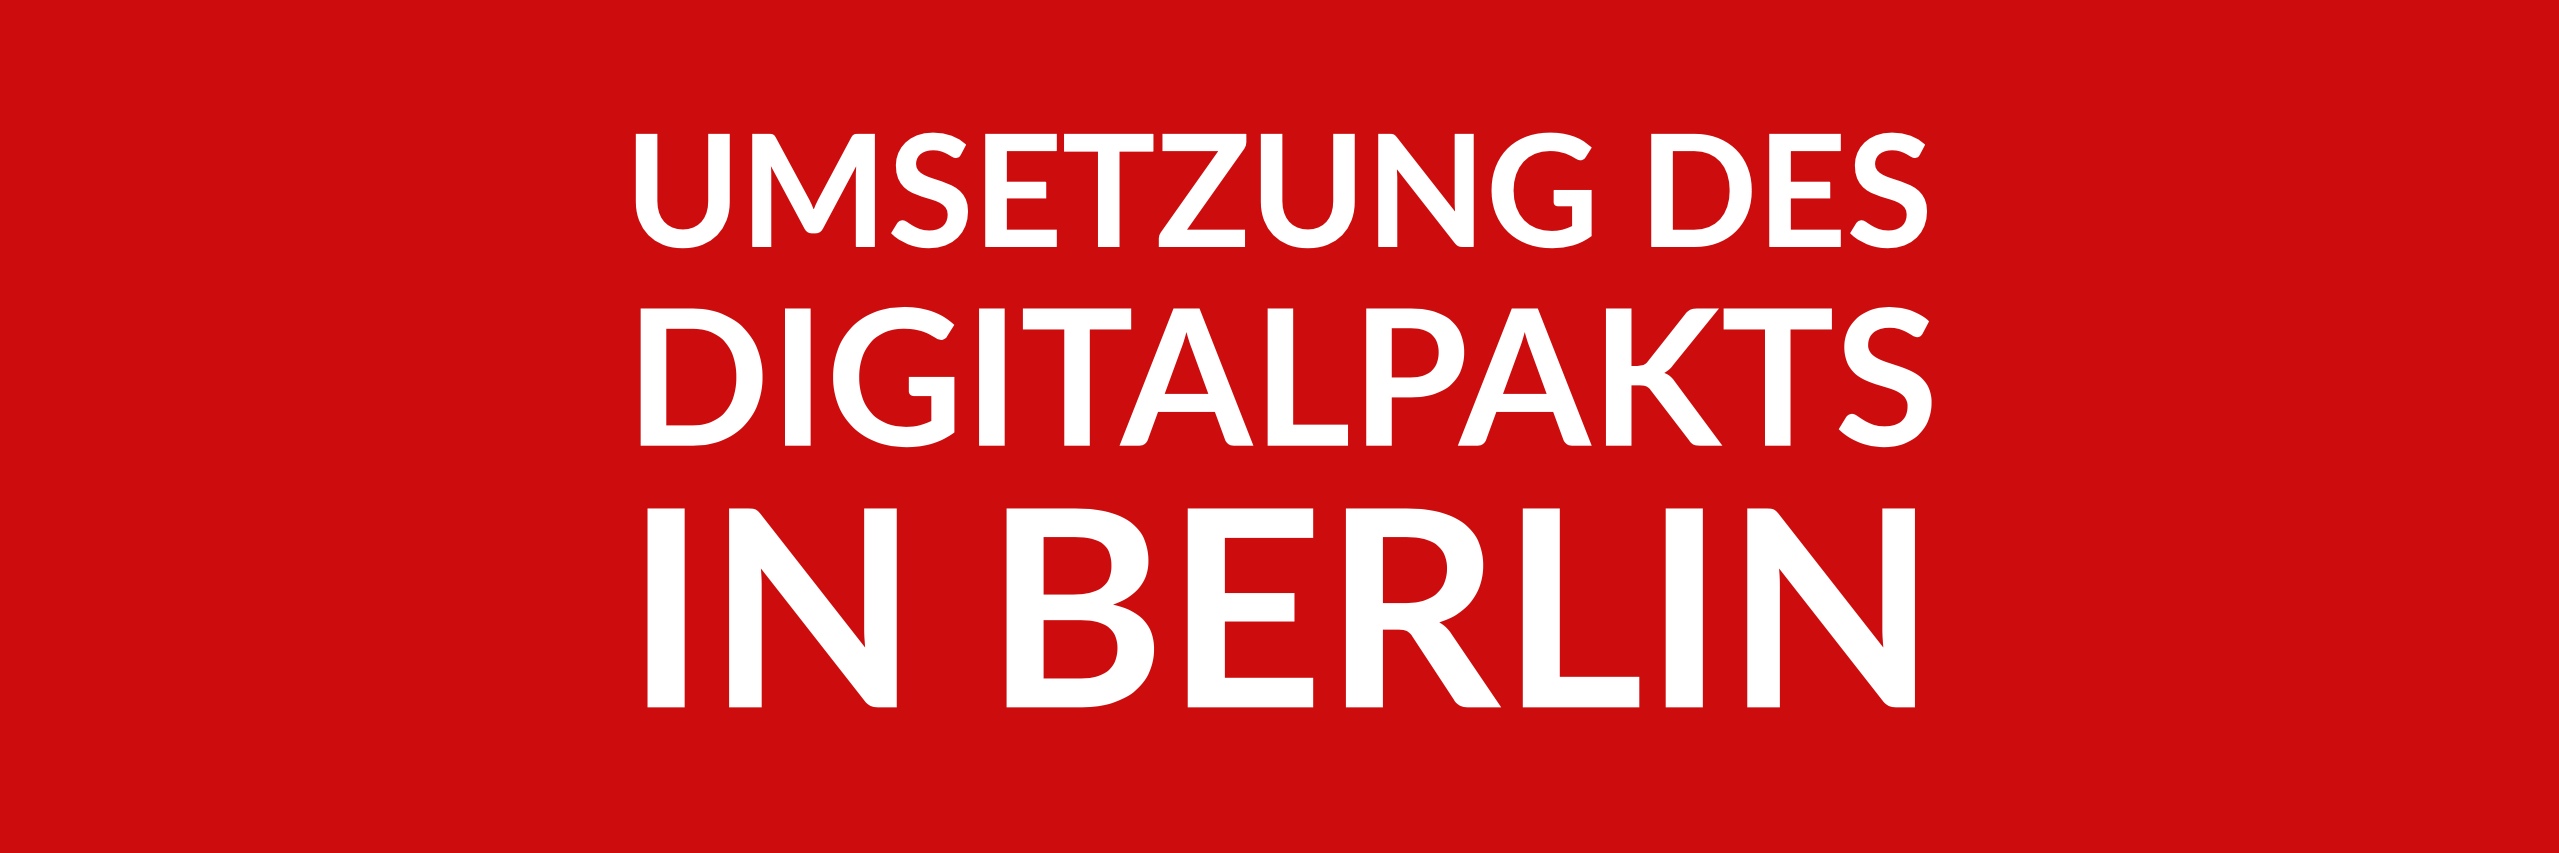 Anfrage 'Umsetzung des Digitalpakts in Berlin' (PDF)